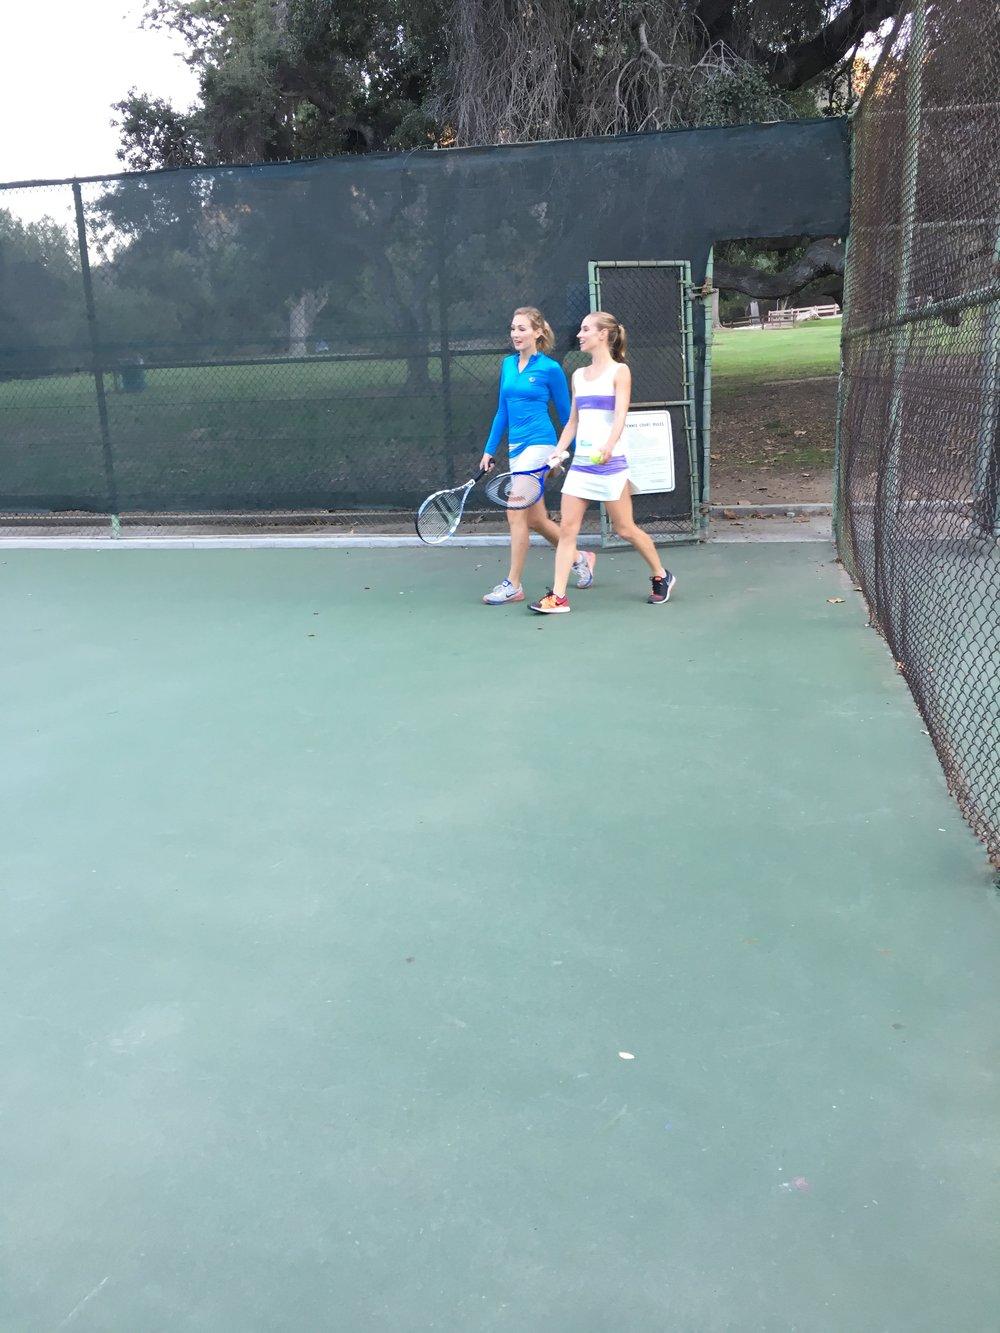 30Fifteen Tennis fitness date